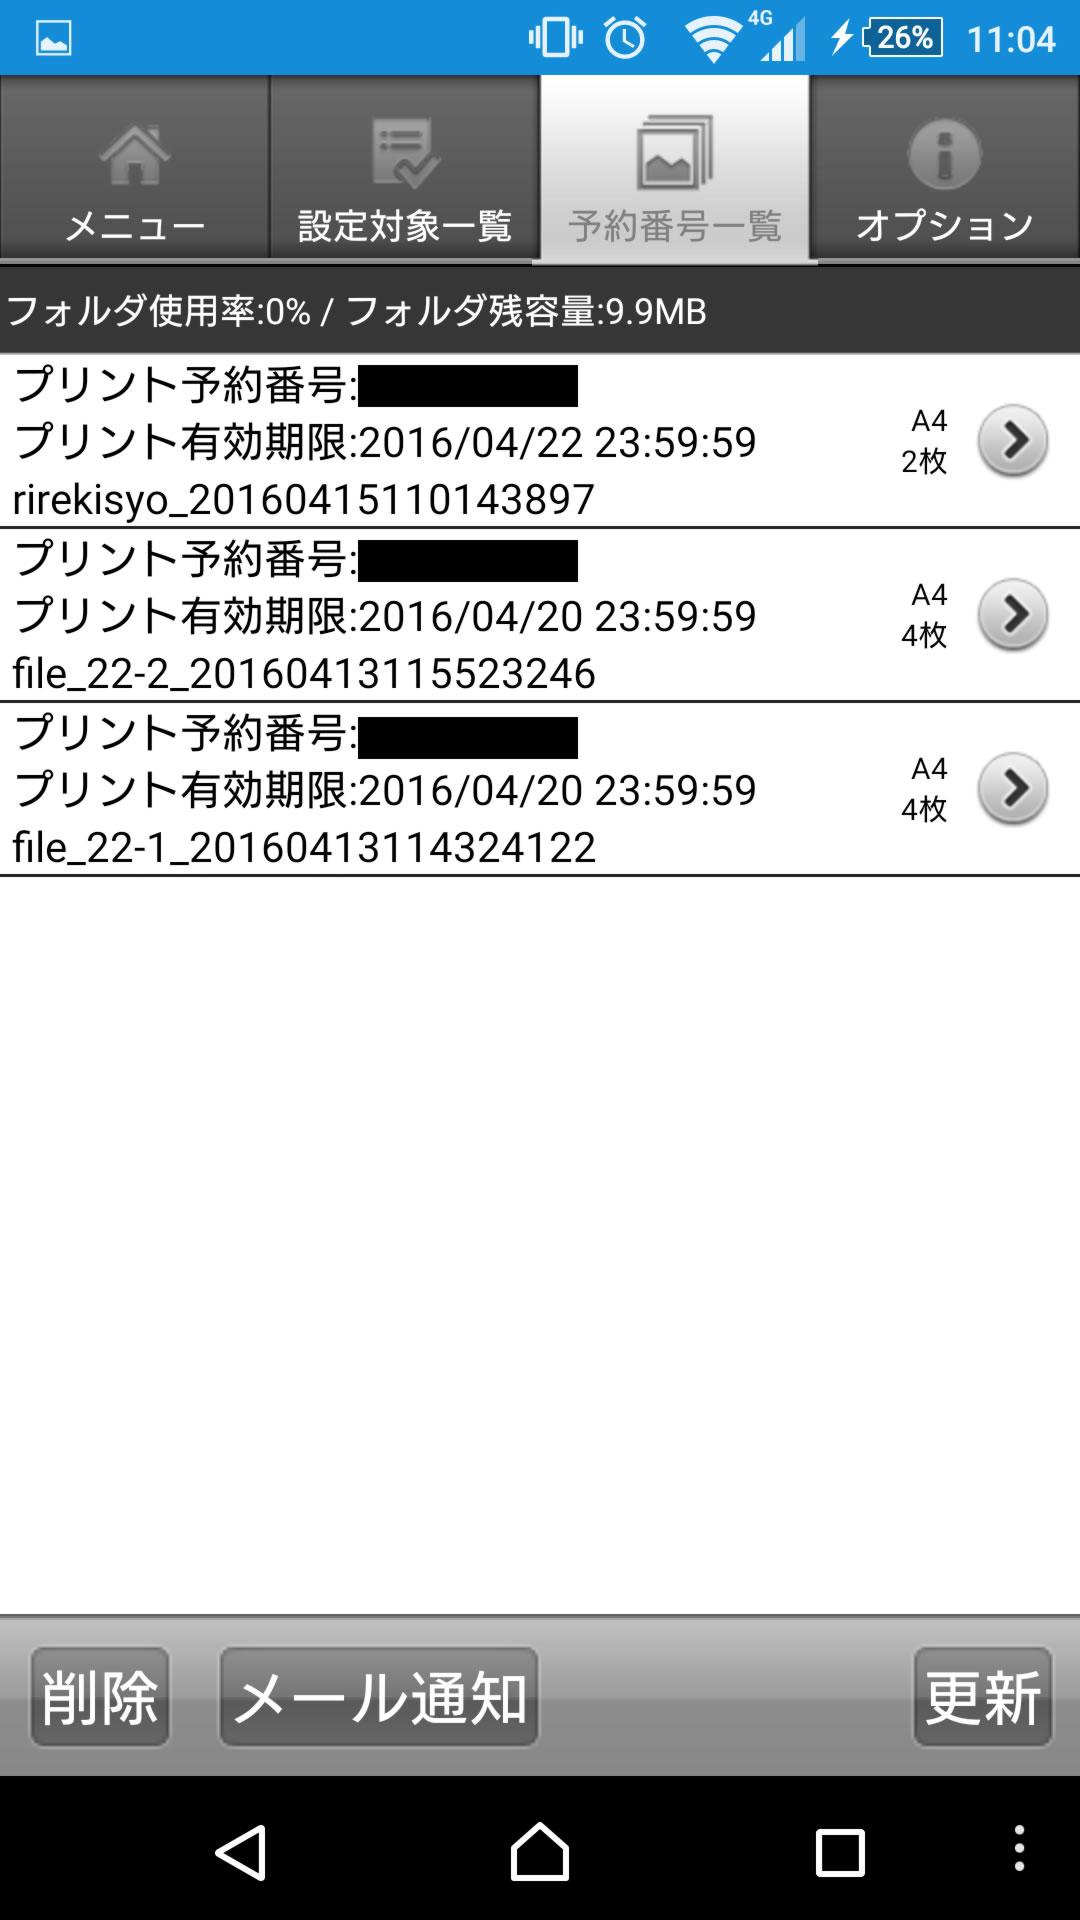 印刷 android pdf 印刷 : を活用してAndroidスマホからPDF ...